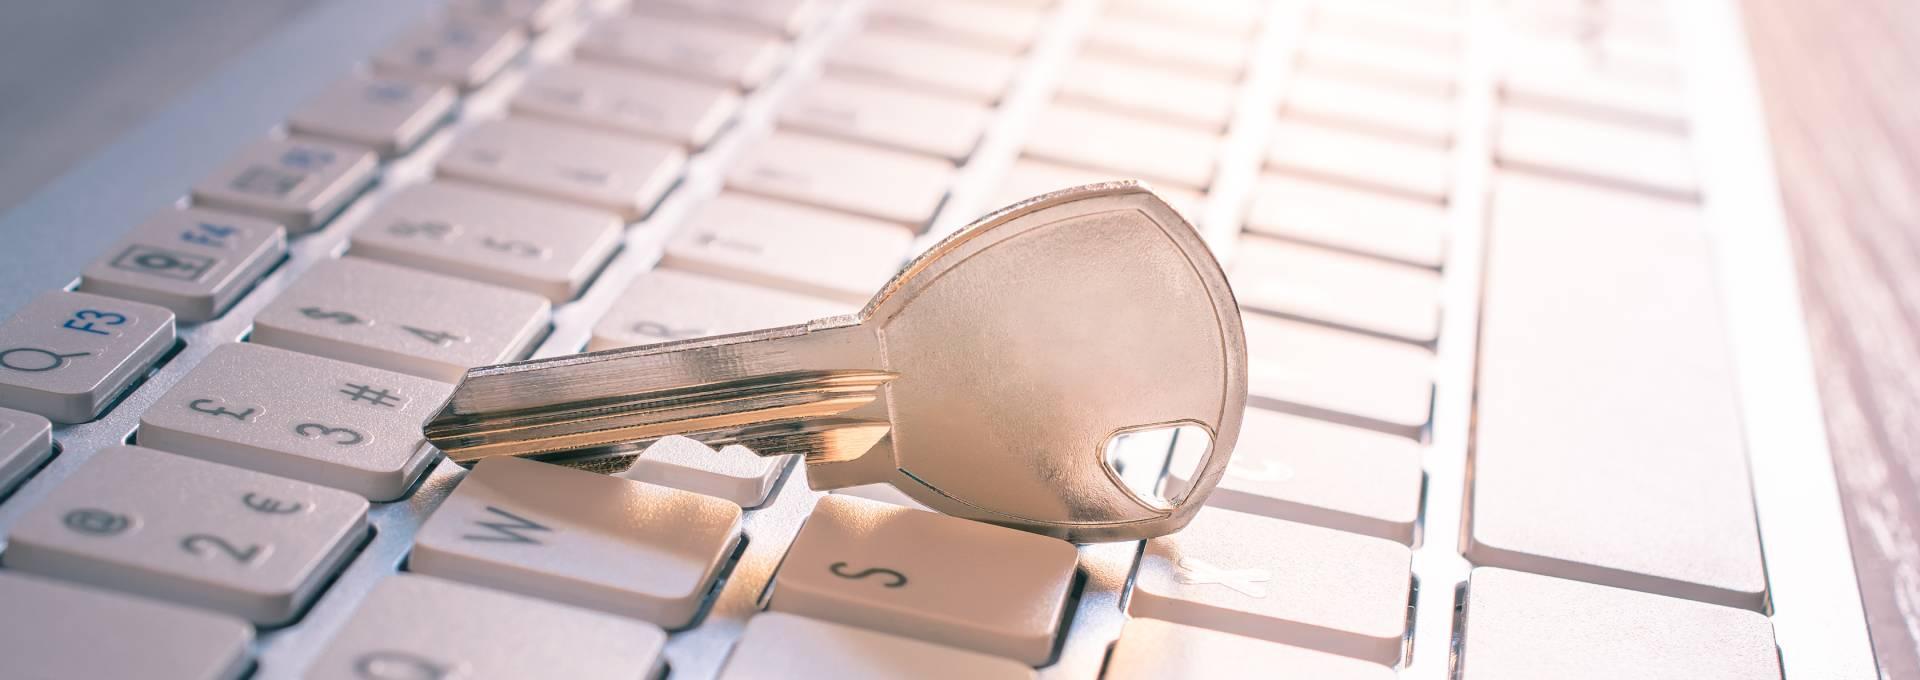 Datenschutz ist wichtig und es gibt einiges dazu zu beachten.